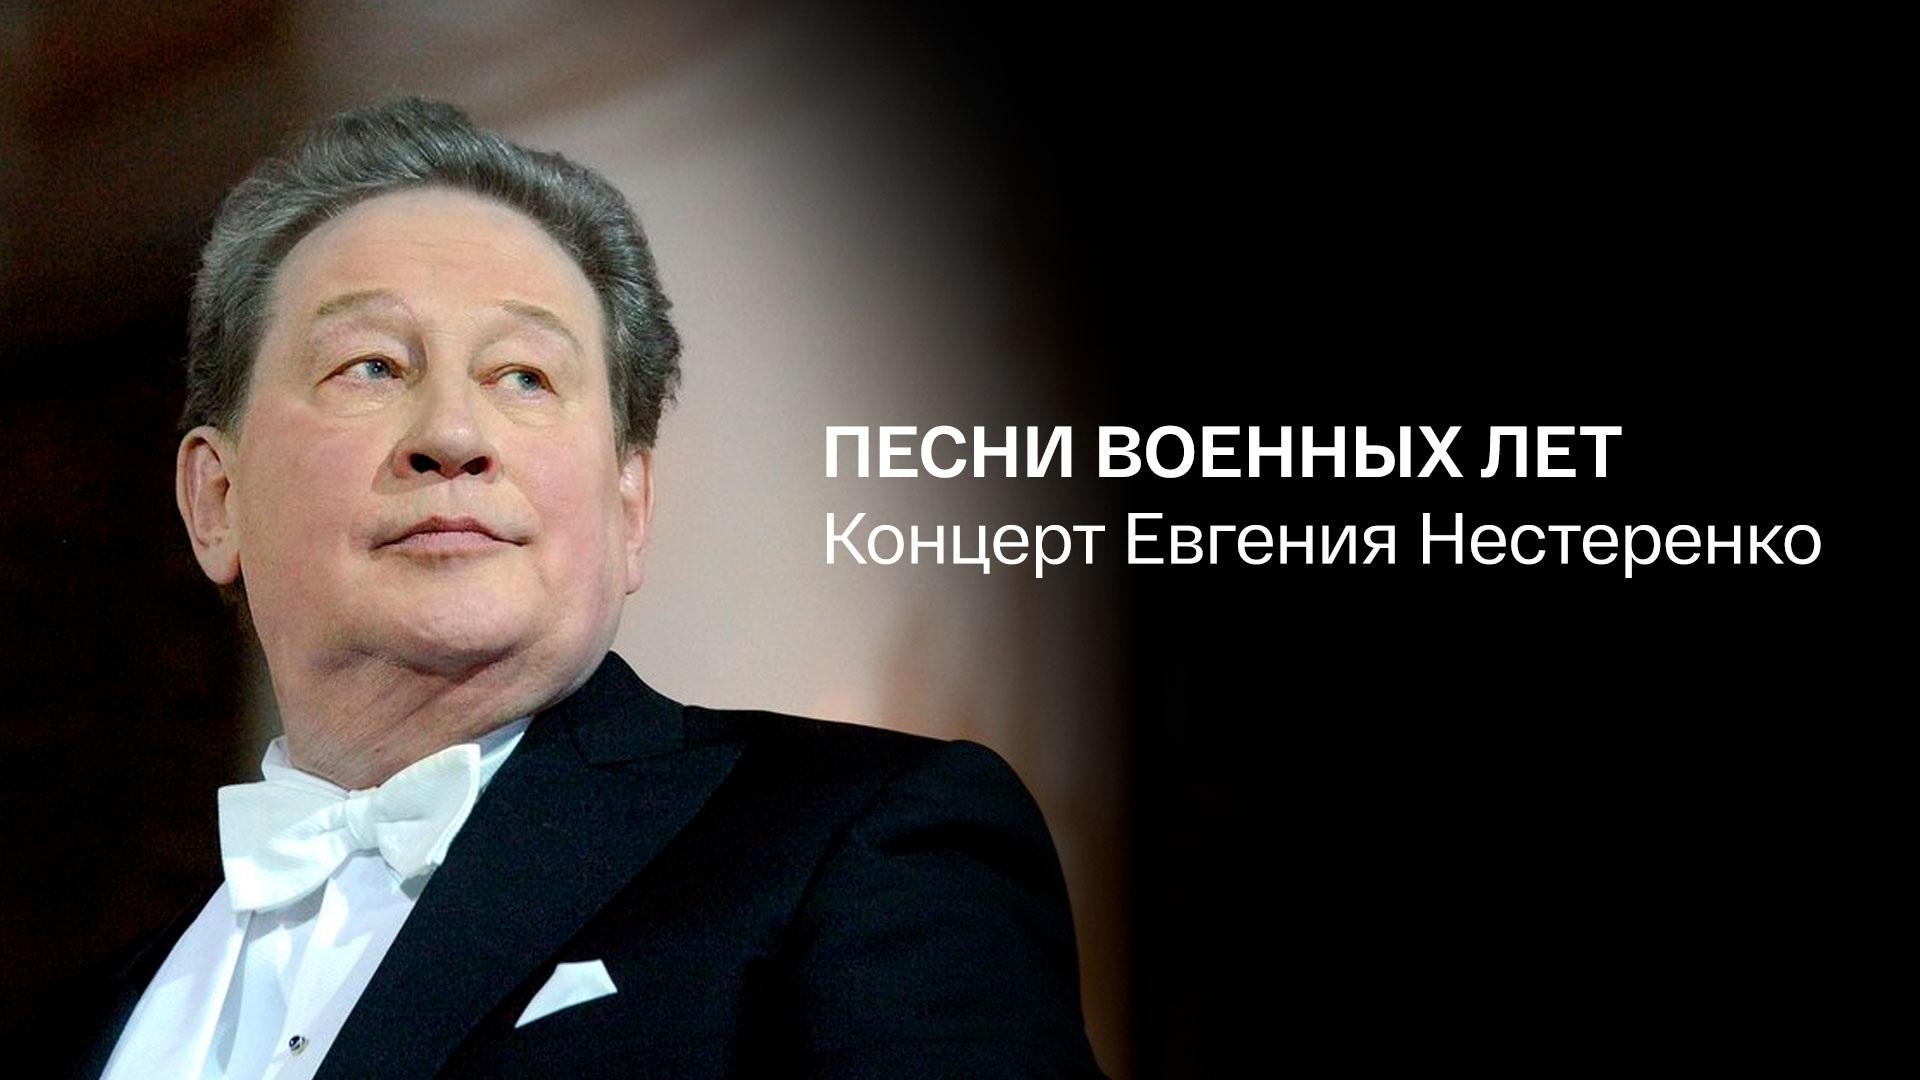 Песни военных лет. Концерт Евгения Нестеренко